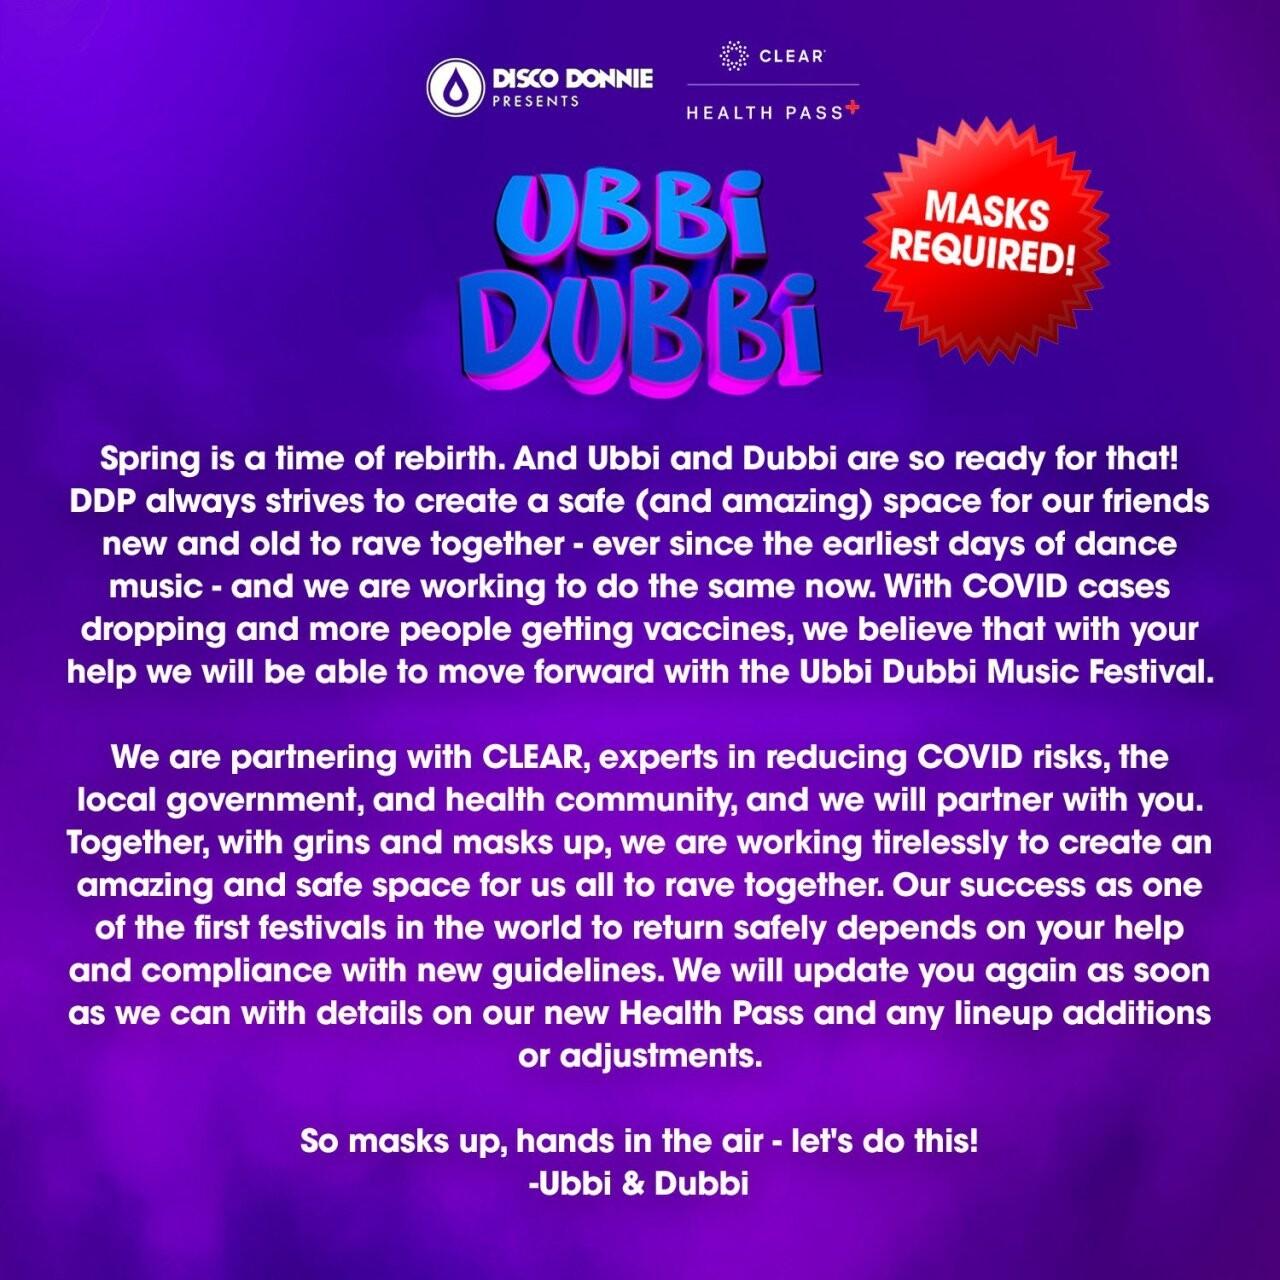 アメリカ ・テキサス州、マスク着用義務を含む新型コロナ関連の規制を全面解除! 最大限の収容人数で開催可能となった「Ubbi Dubbi Festival」の最新ガイドラインとは……!?